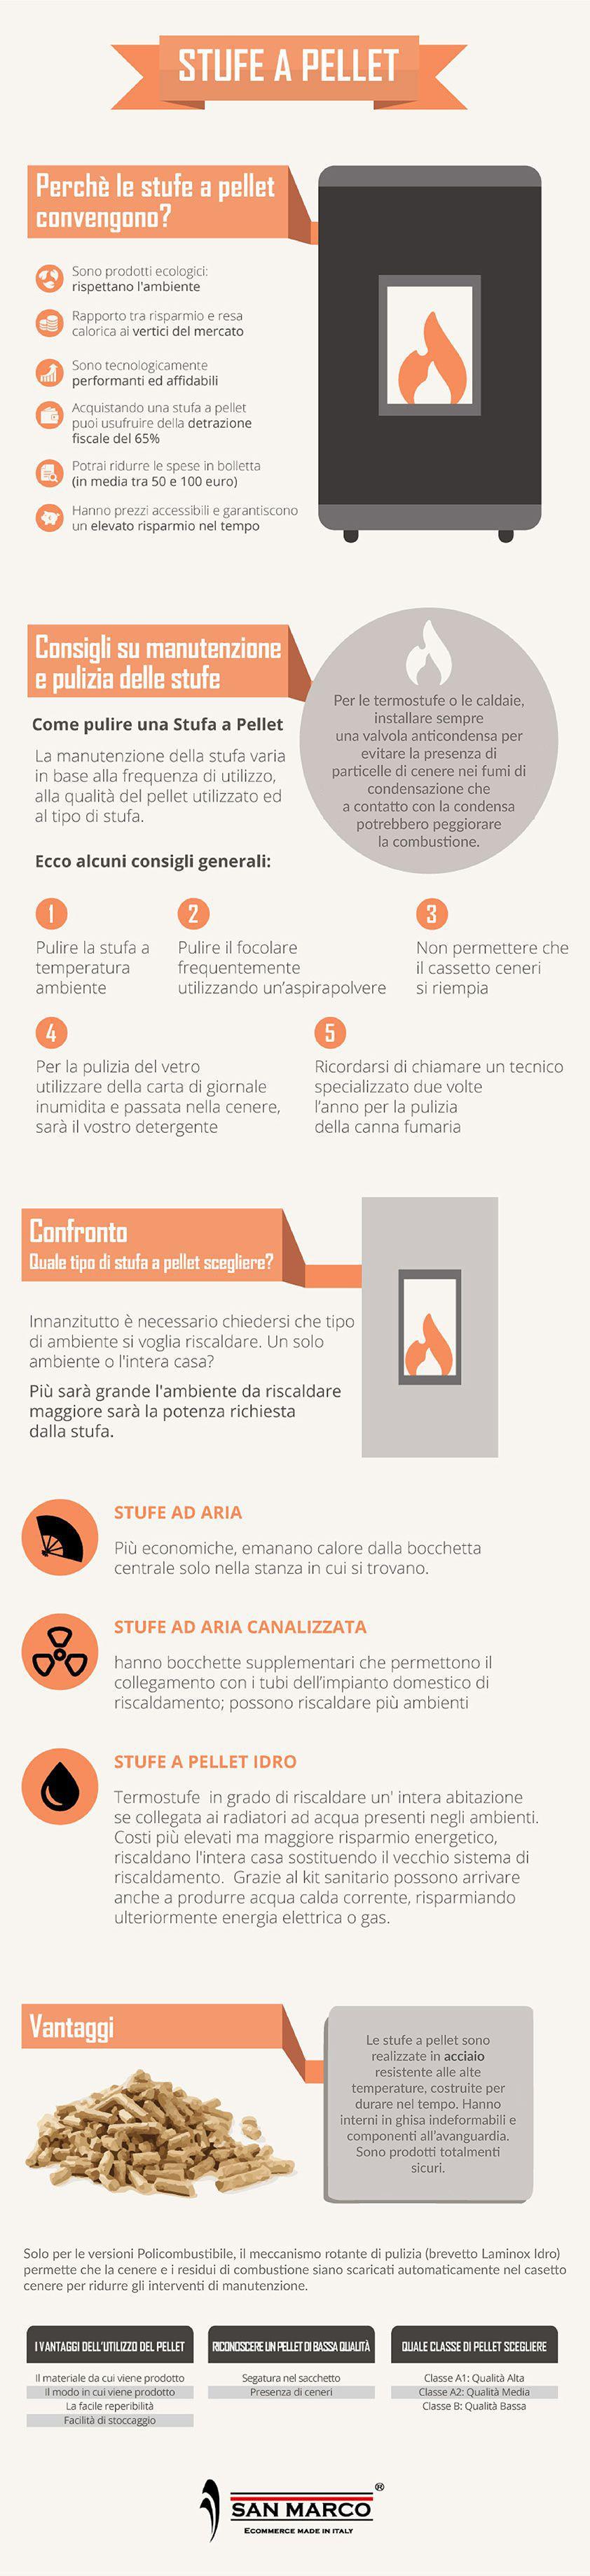 Infografica su stufe a pellet e termostufe - Le migliori stufe a pellet quali sono ...